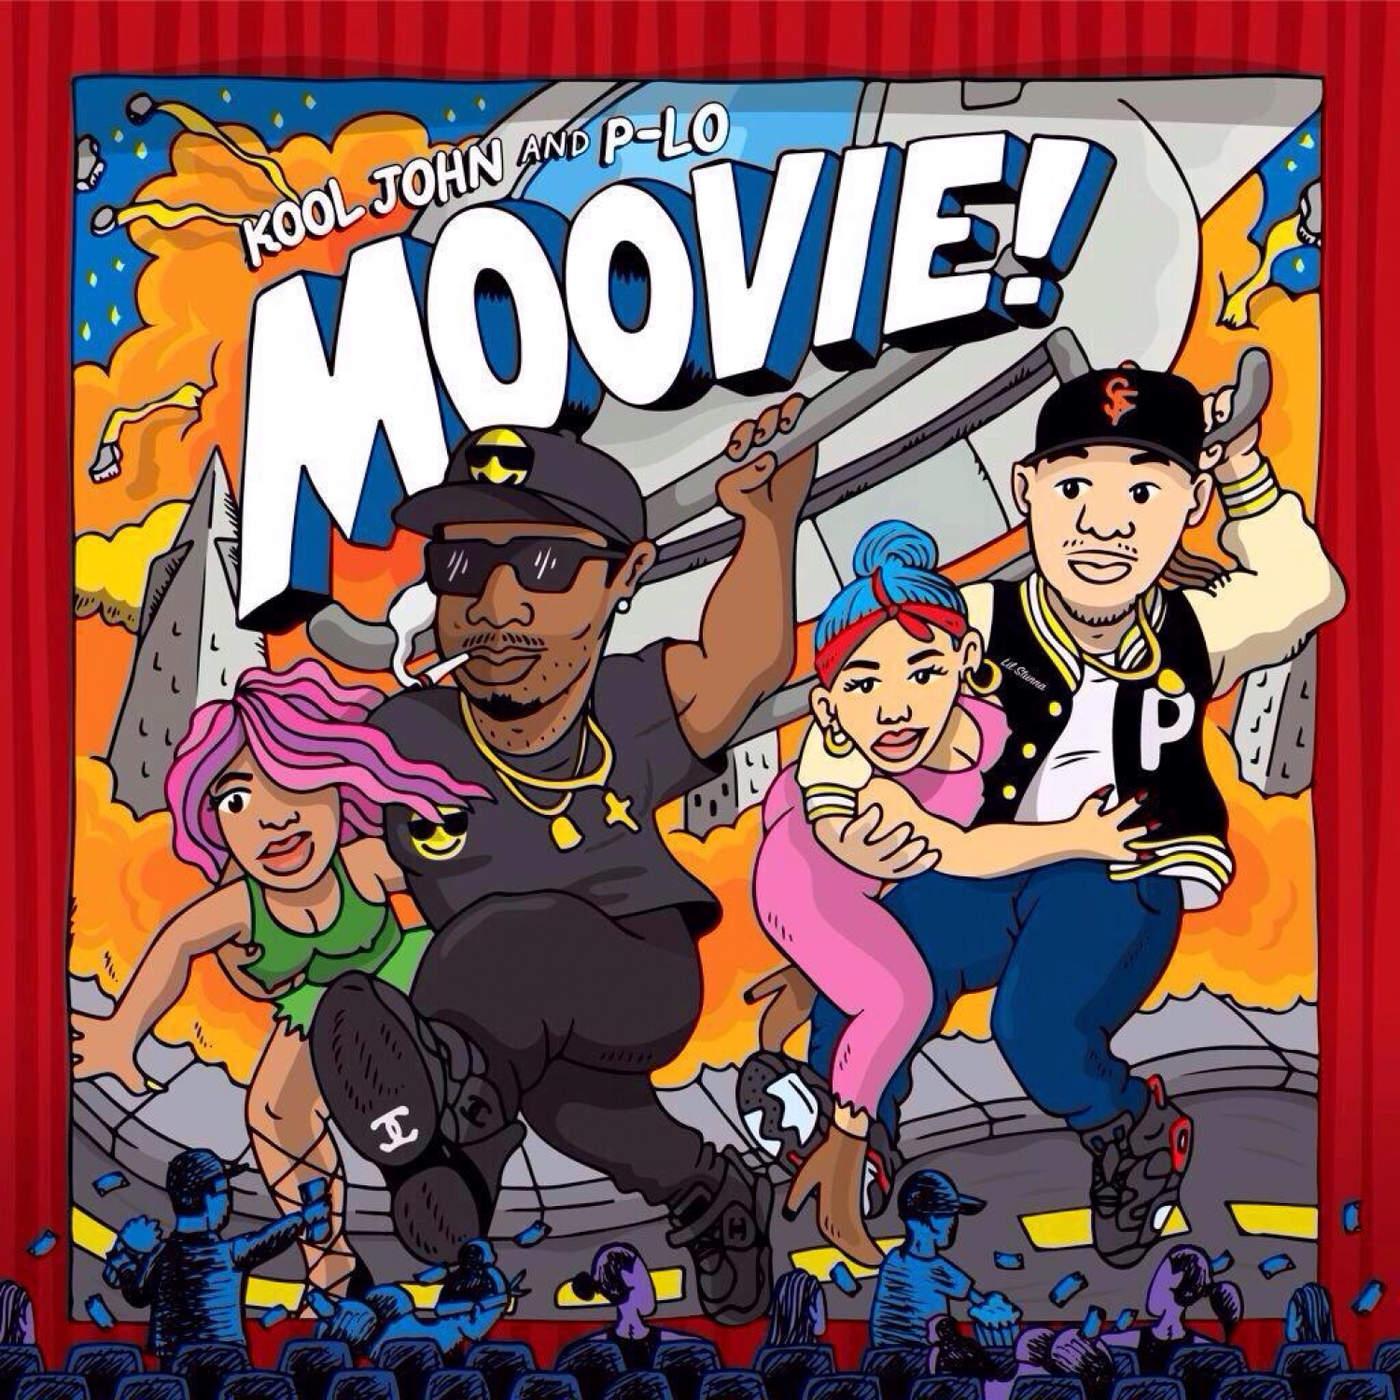 Kool John & P-LO - Moovie! Cover